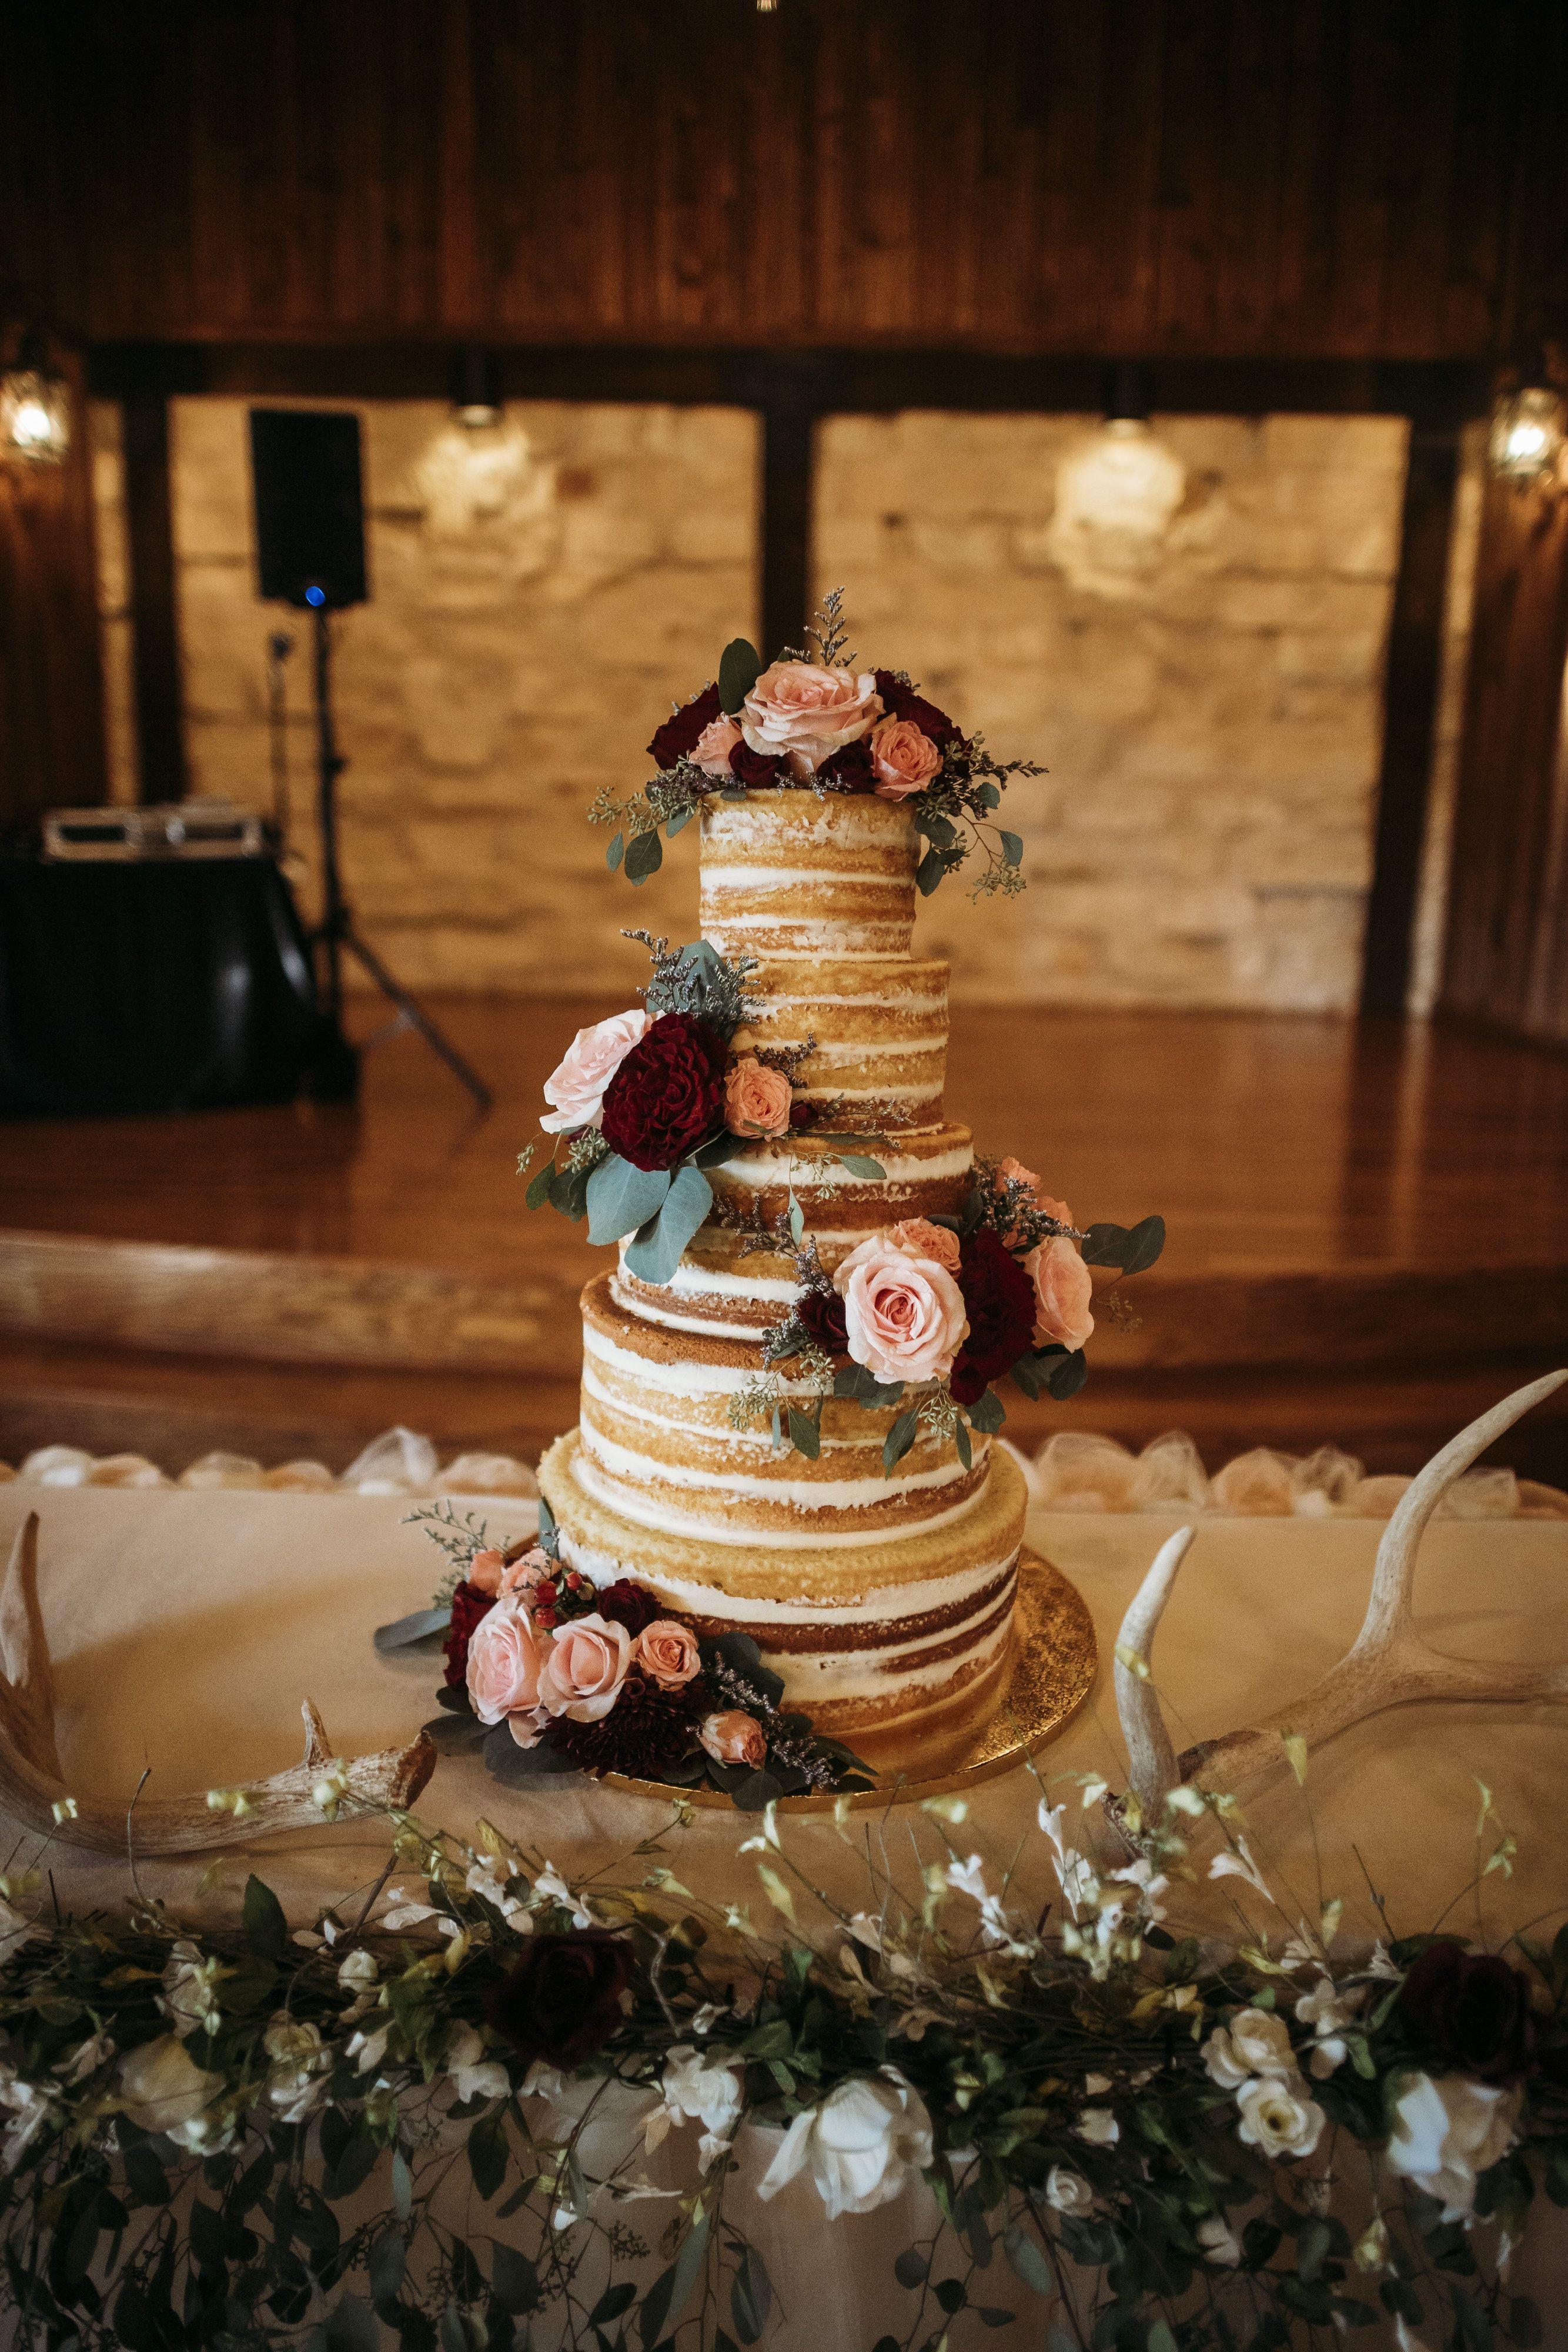 Norman Wedding Venue Springs Venue Wedding Cake Peach Wedding Cake Options Country Wedding Cakes